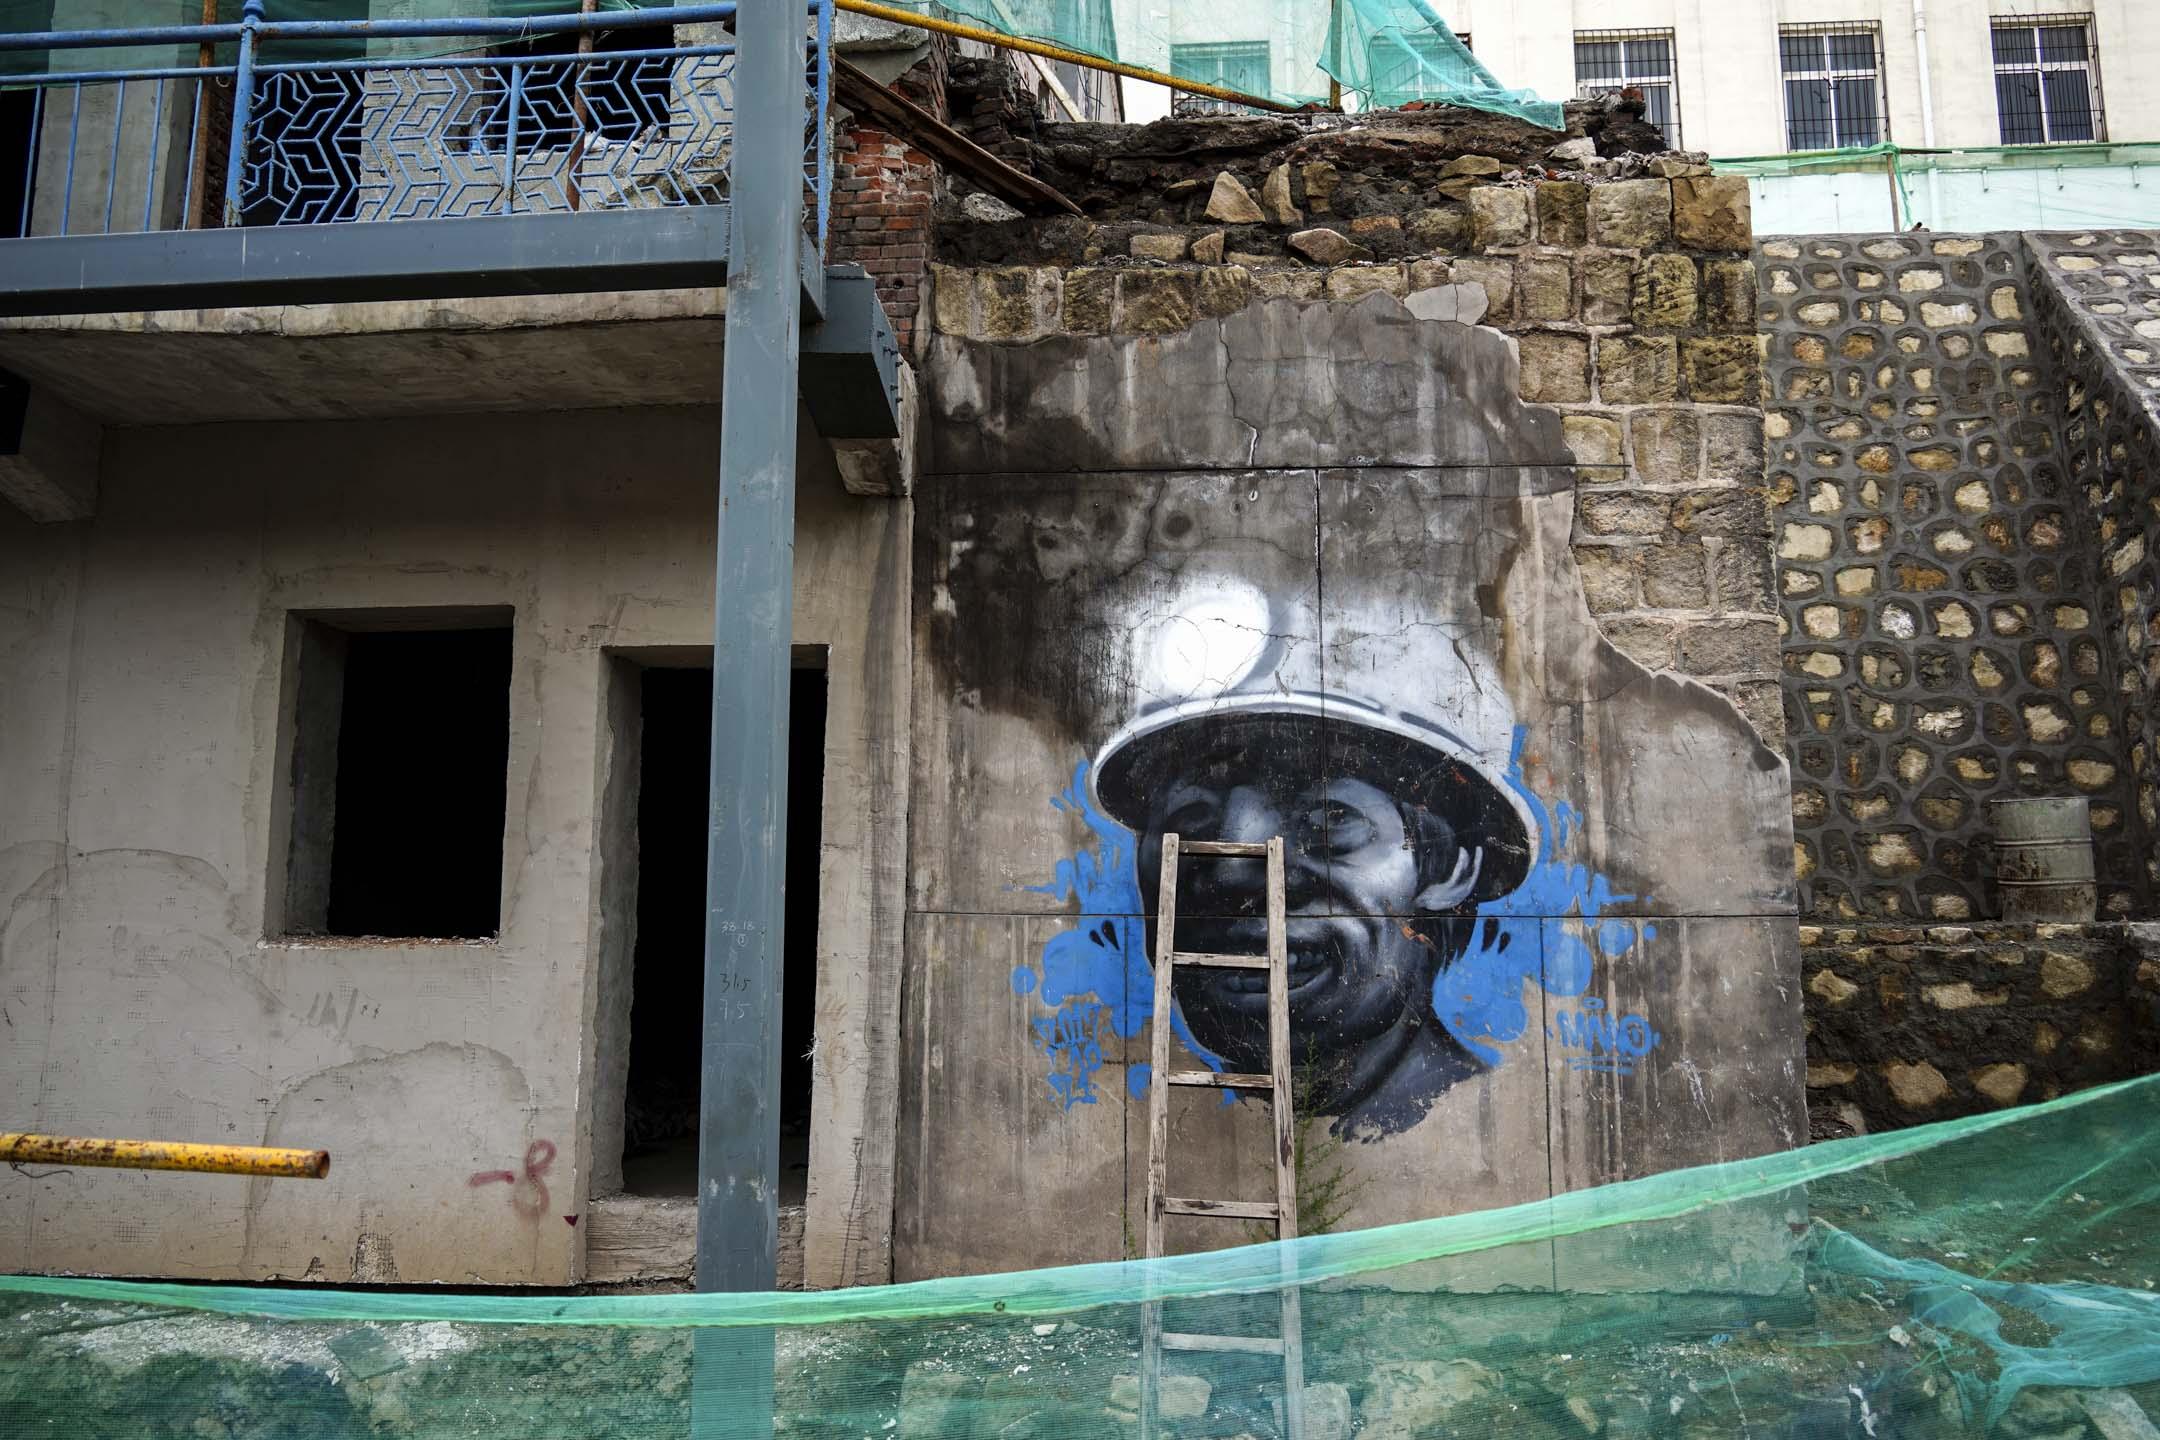 王石凹煤礦遺址中的工人形象塗鴉。